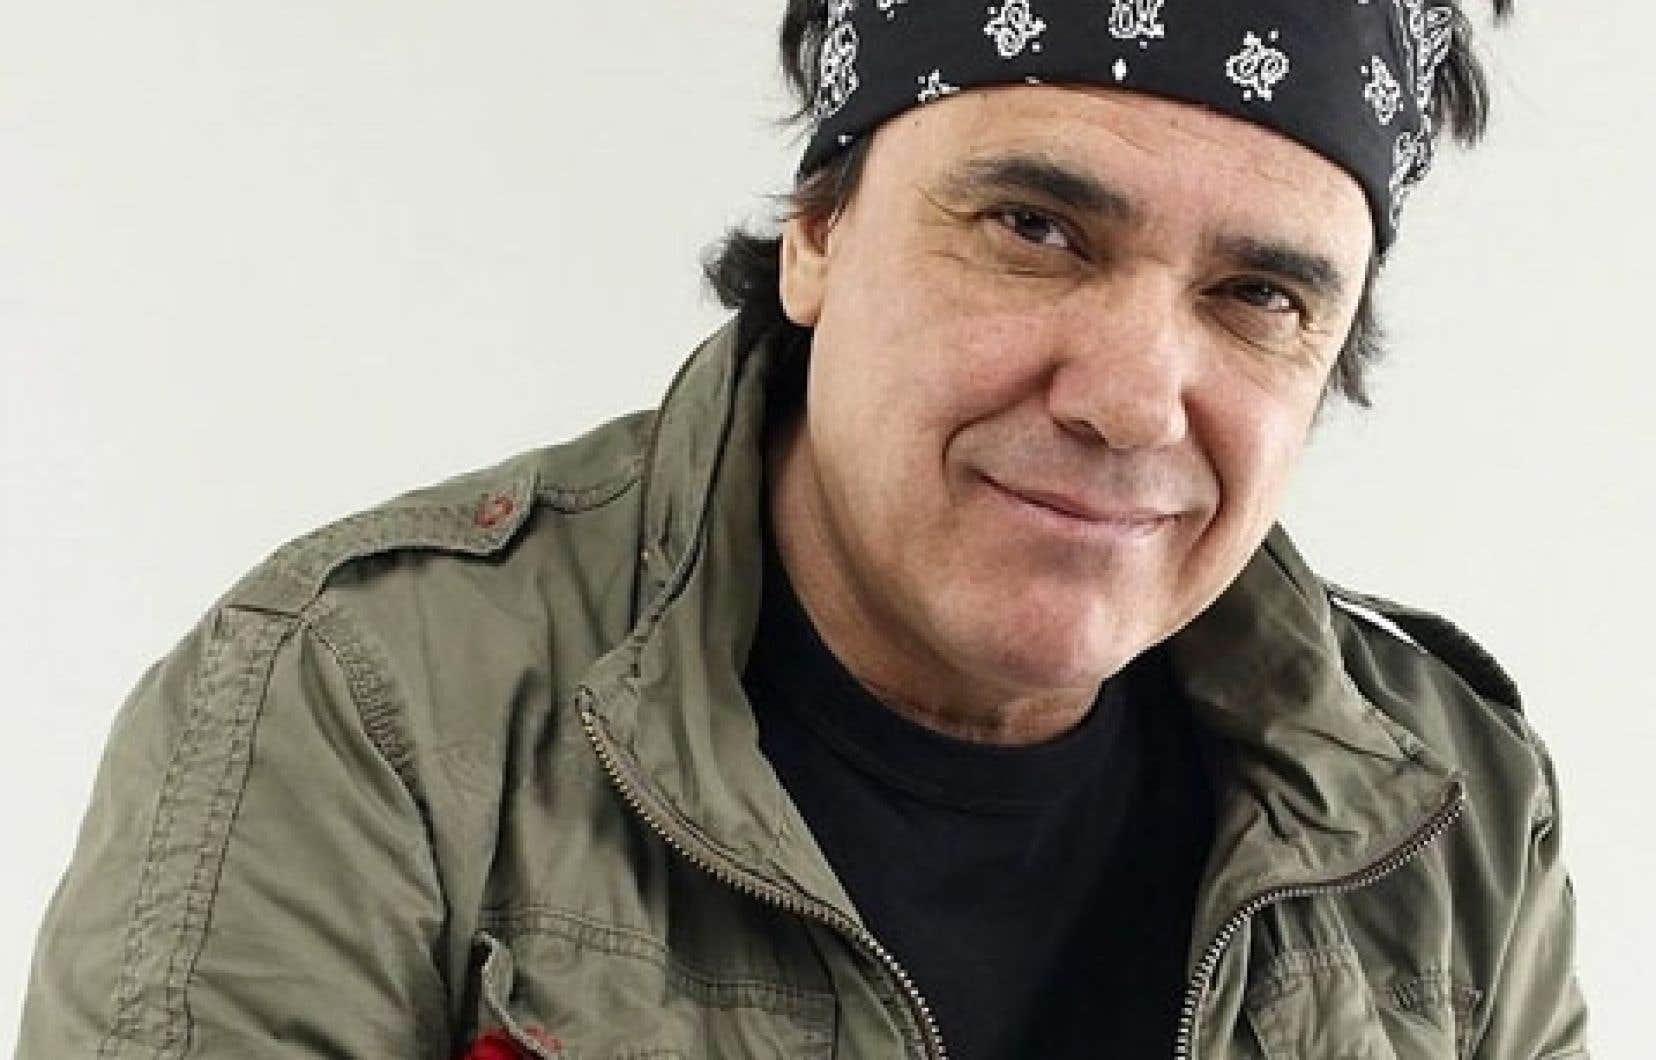 Florent Vollant a vécu plusieurs années dans un pensionnat pour autochtones